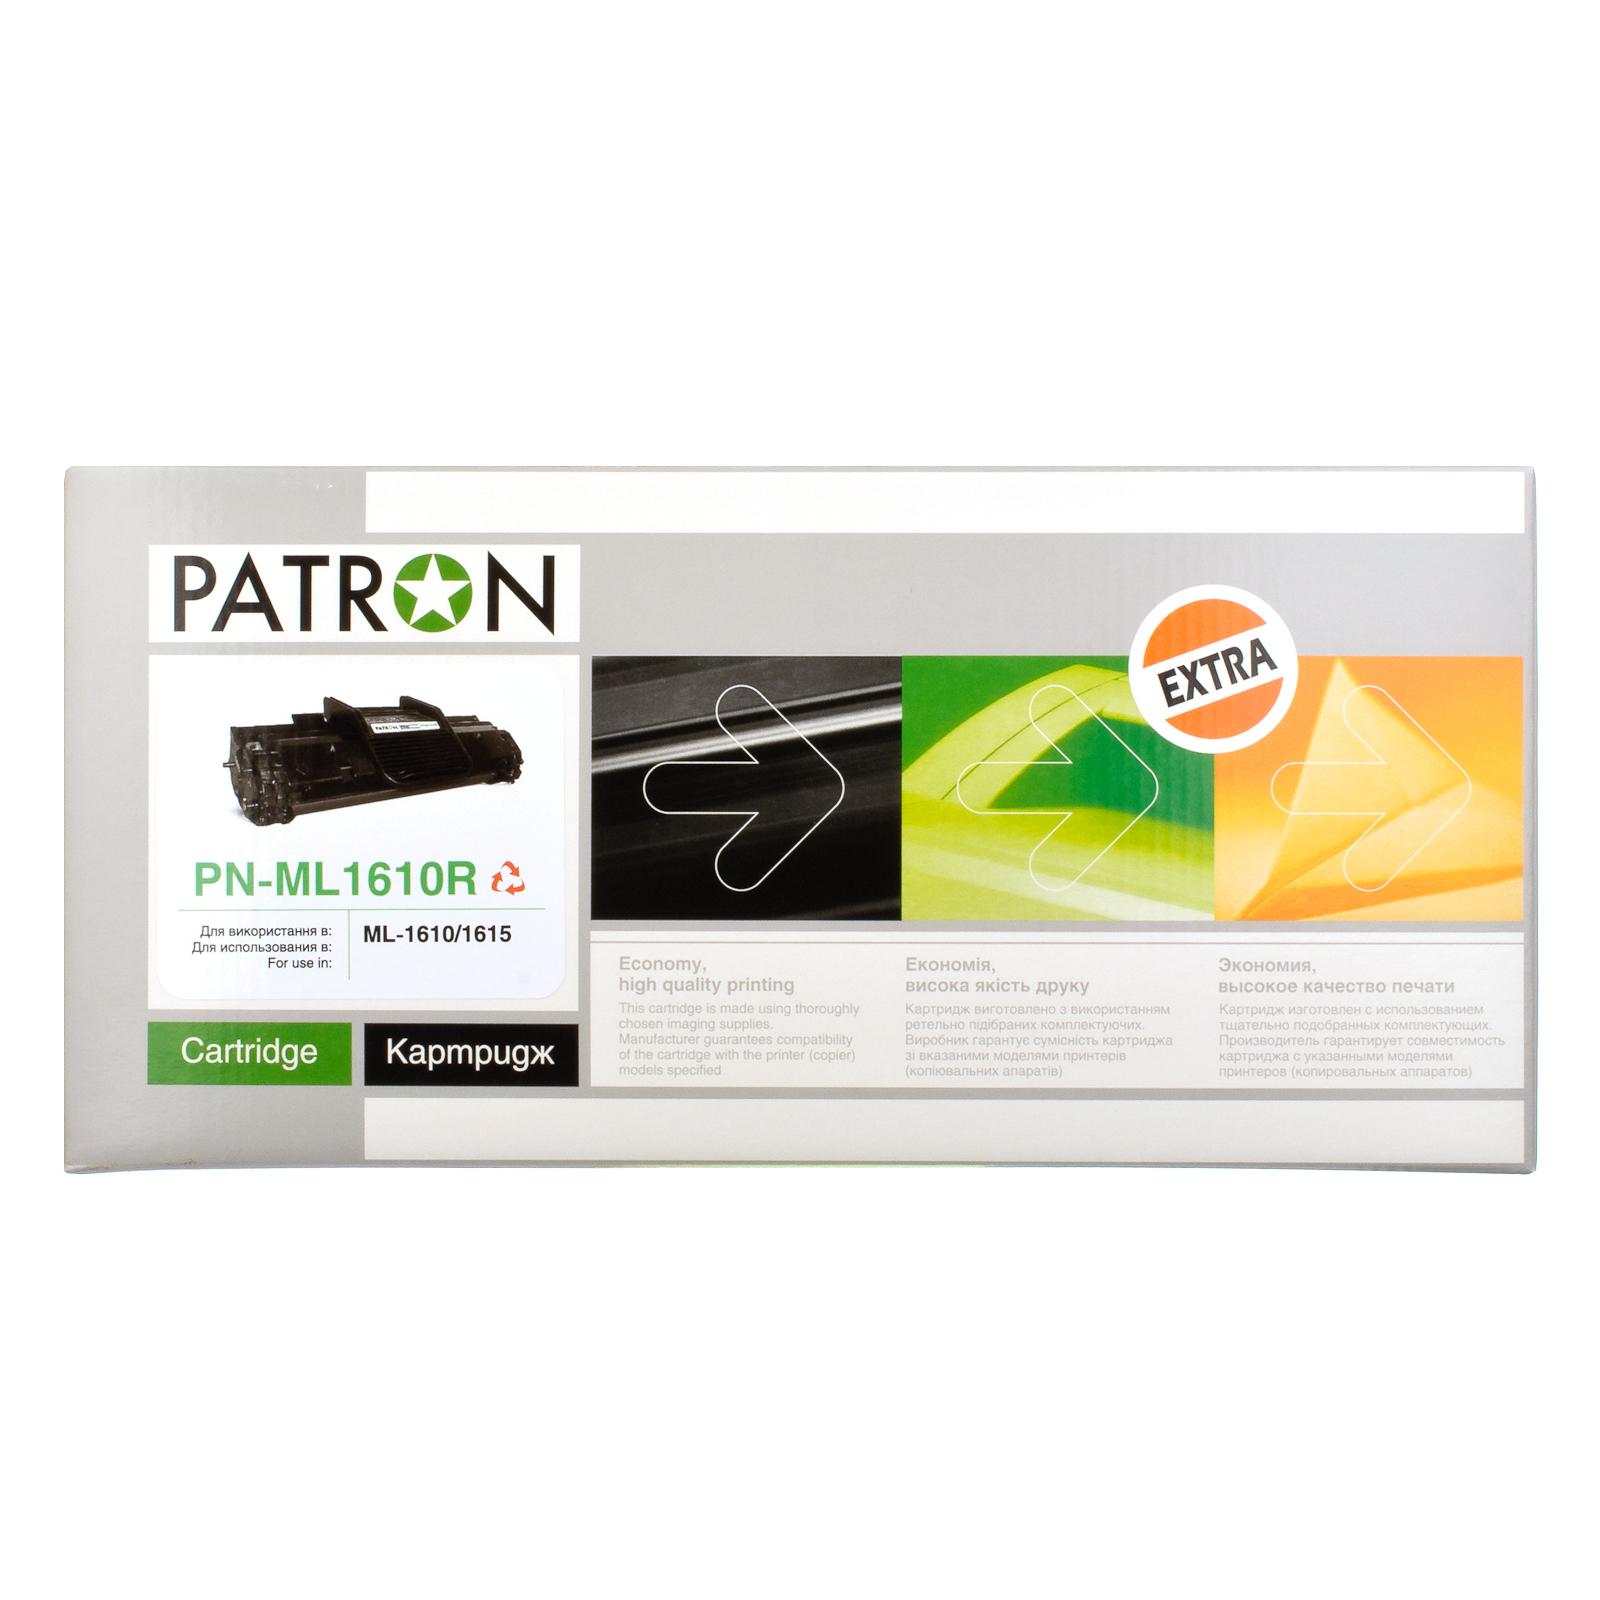 Картридж PATRON SAMSUNG ML-1610D2 Extra (PN-ML1610R) изображение 3